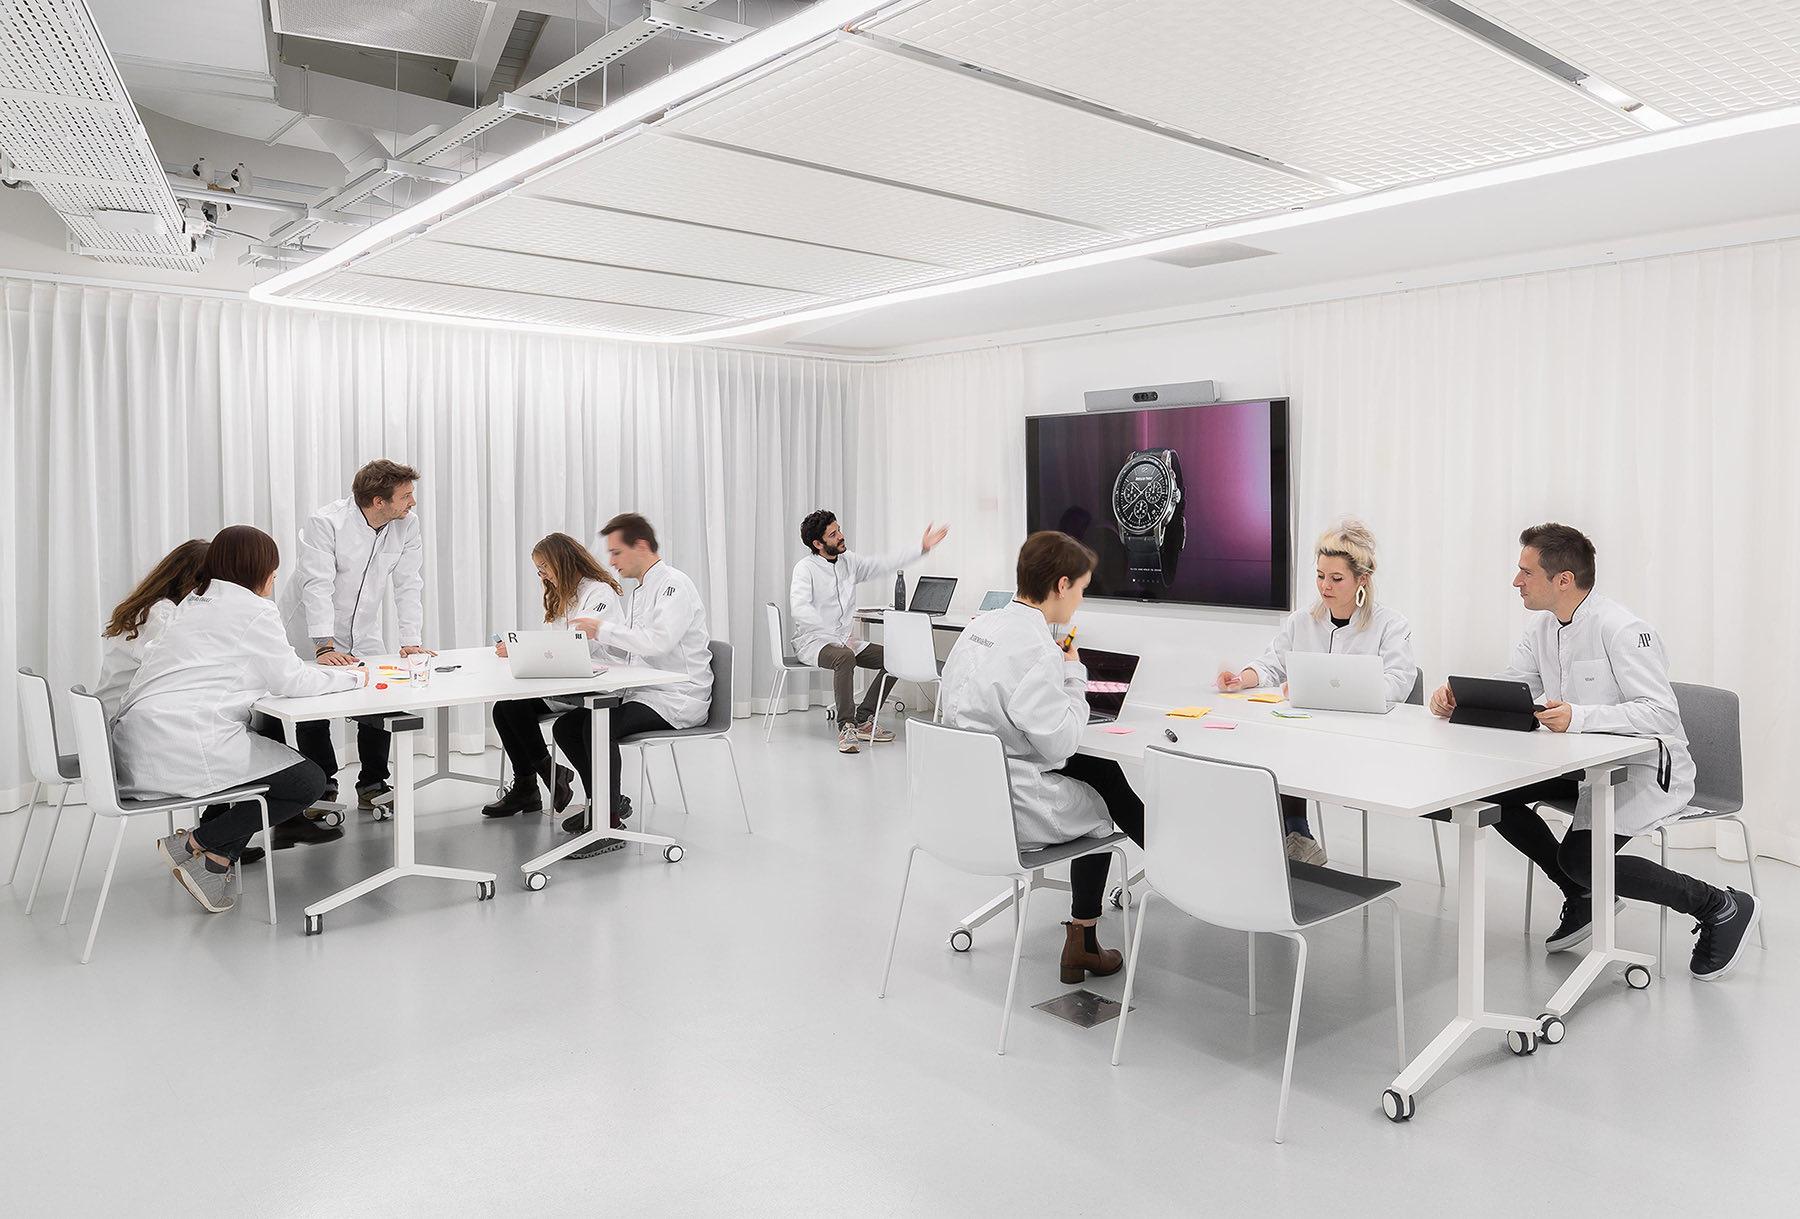 audemars-piguet-office-2